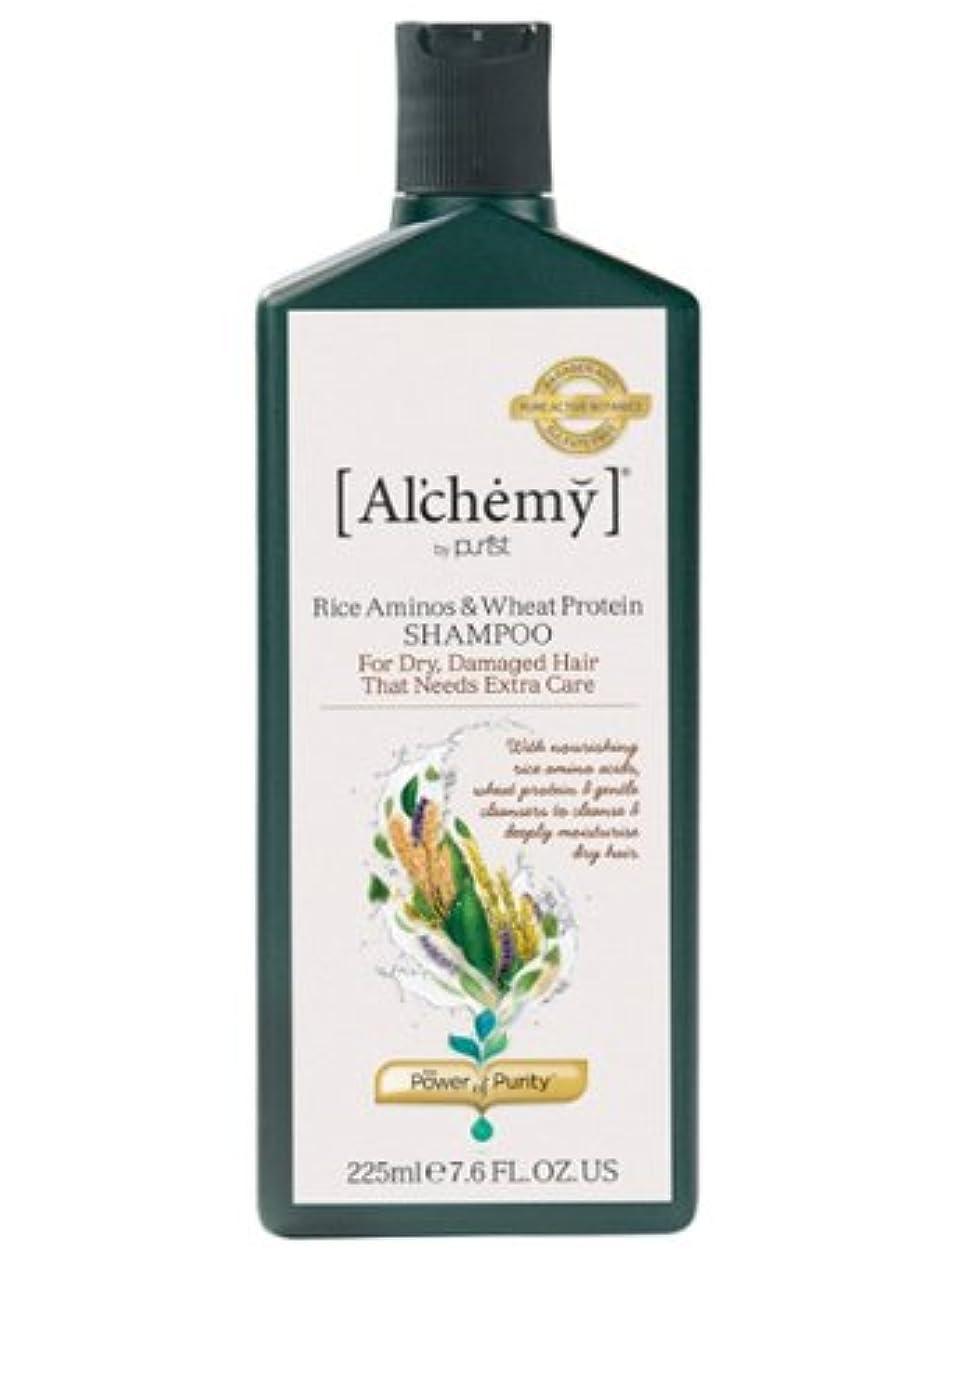 リクルートグリースポンプ【Al'chemy(alchemy)】アルケミー ライス アミノス モイスチャーシャンプー(Rice Aminos-Intensive Moisture Shampoo)(ドライ髪用)225ml